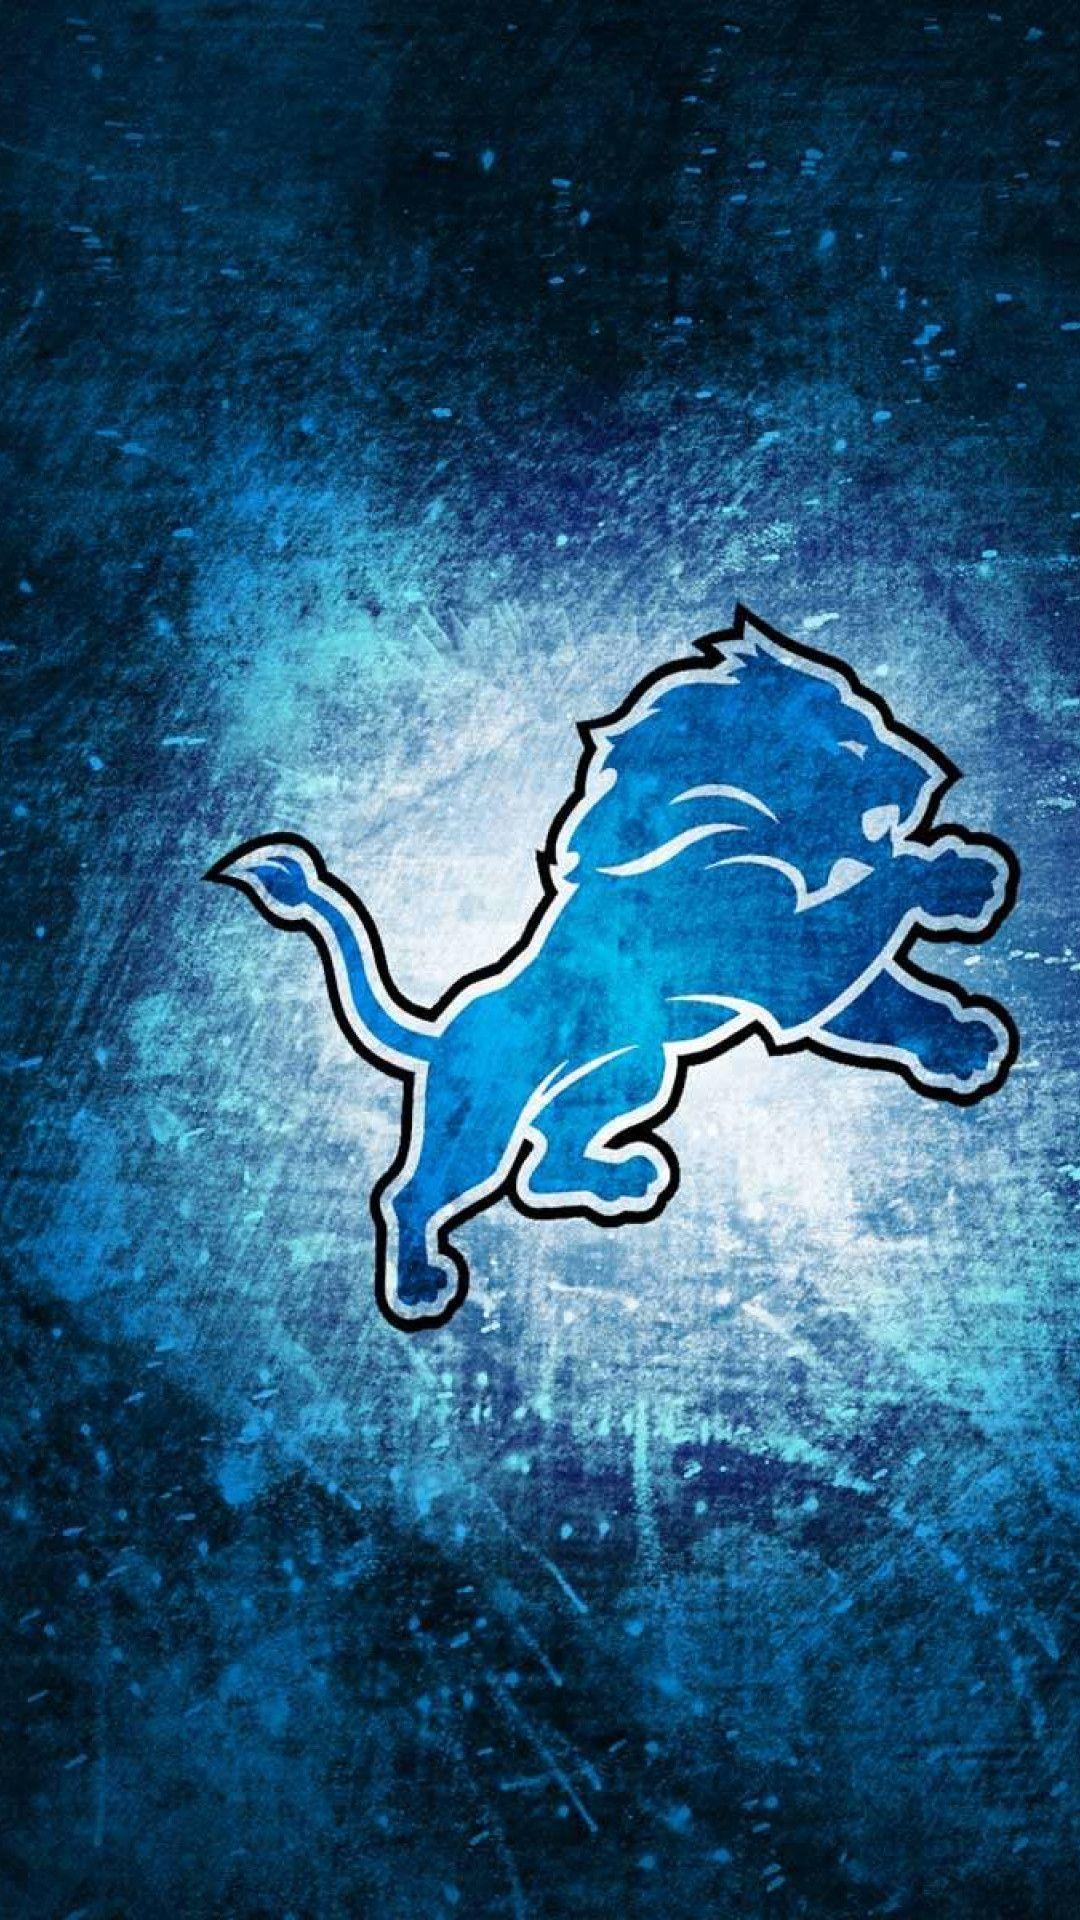 Detroit Lions Desktop Wallpapers - Top Free Detroit Lions ...